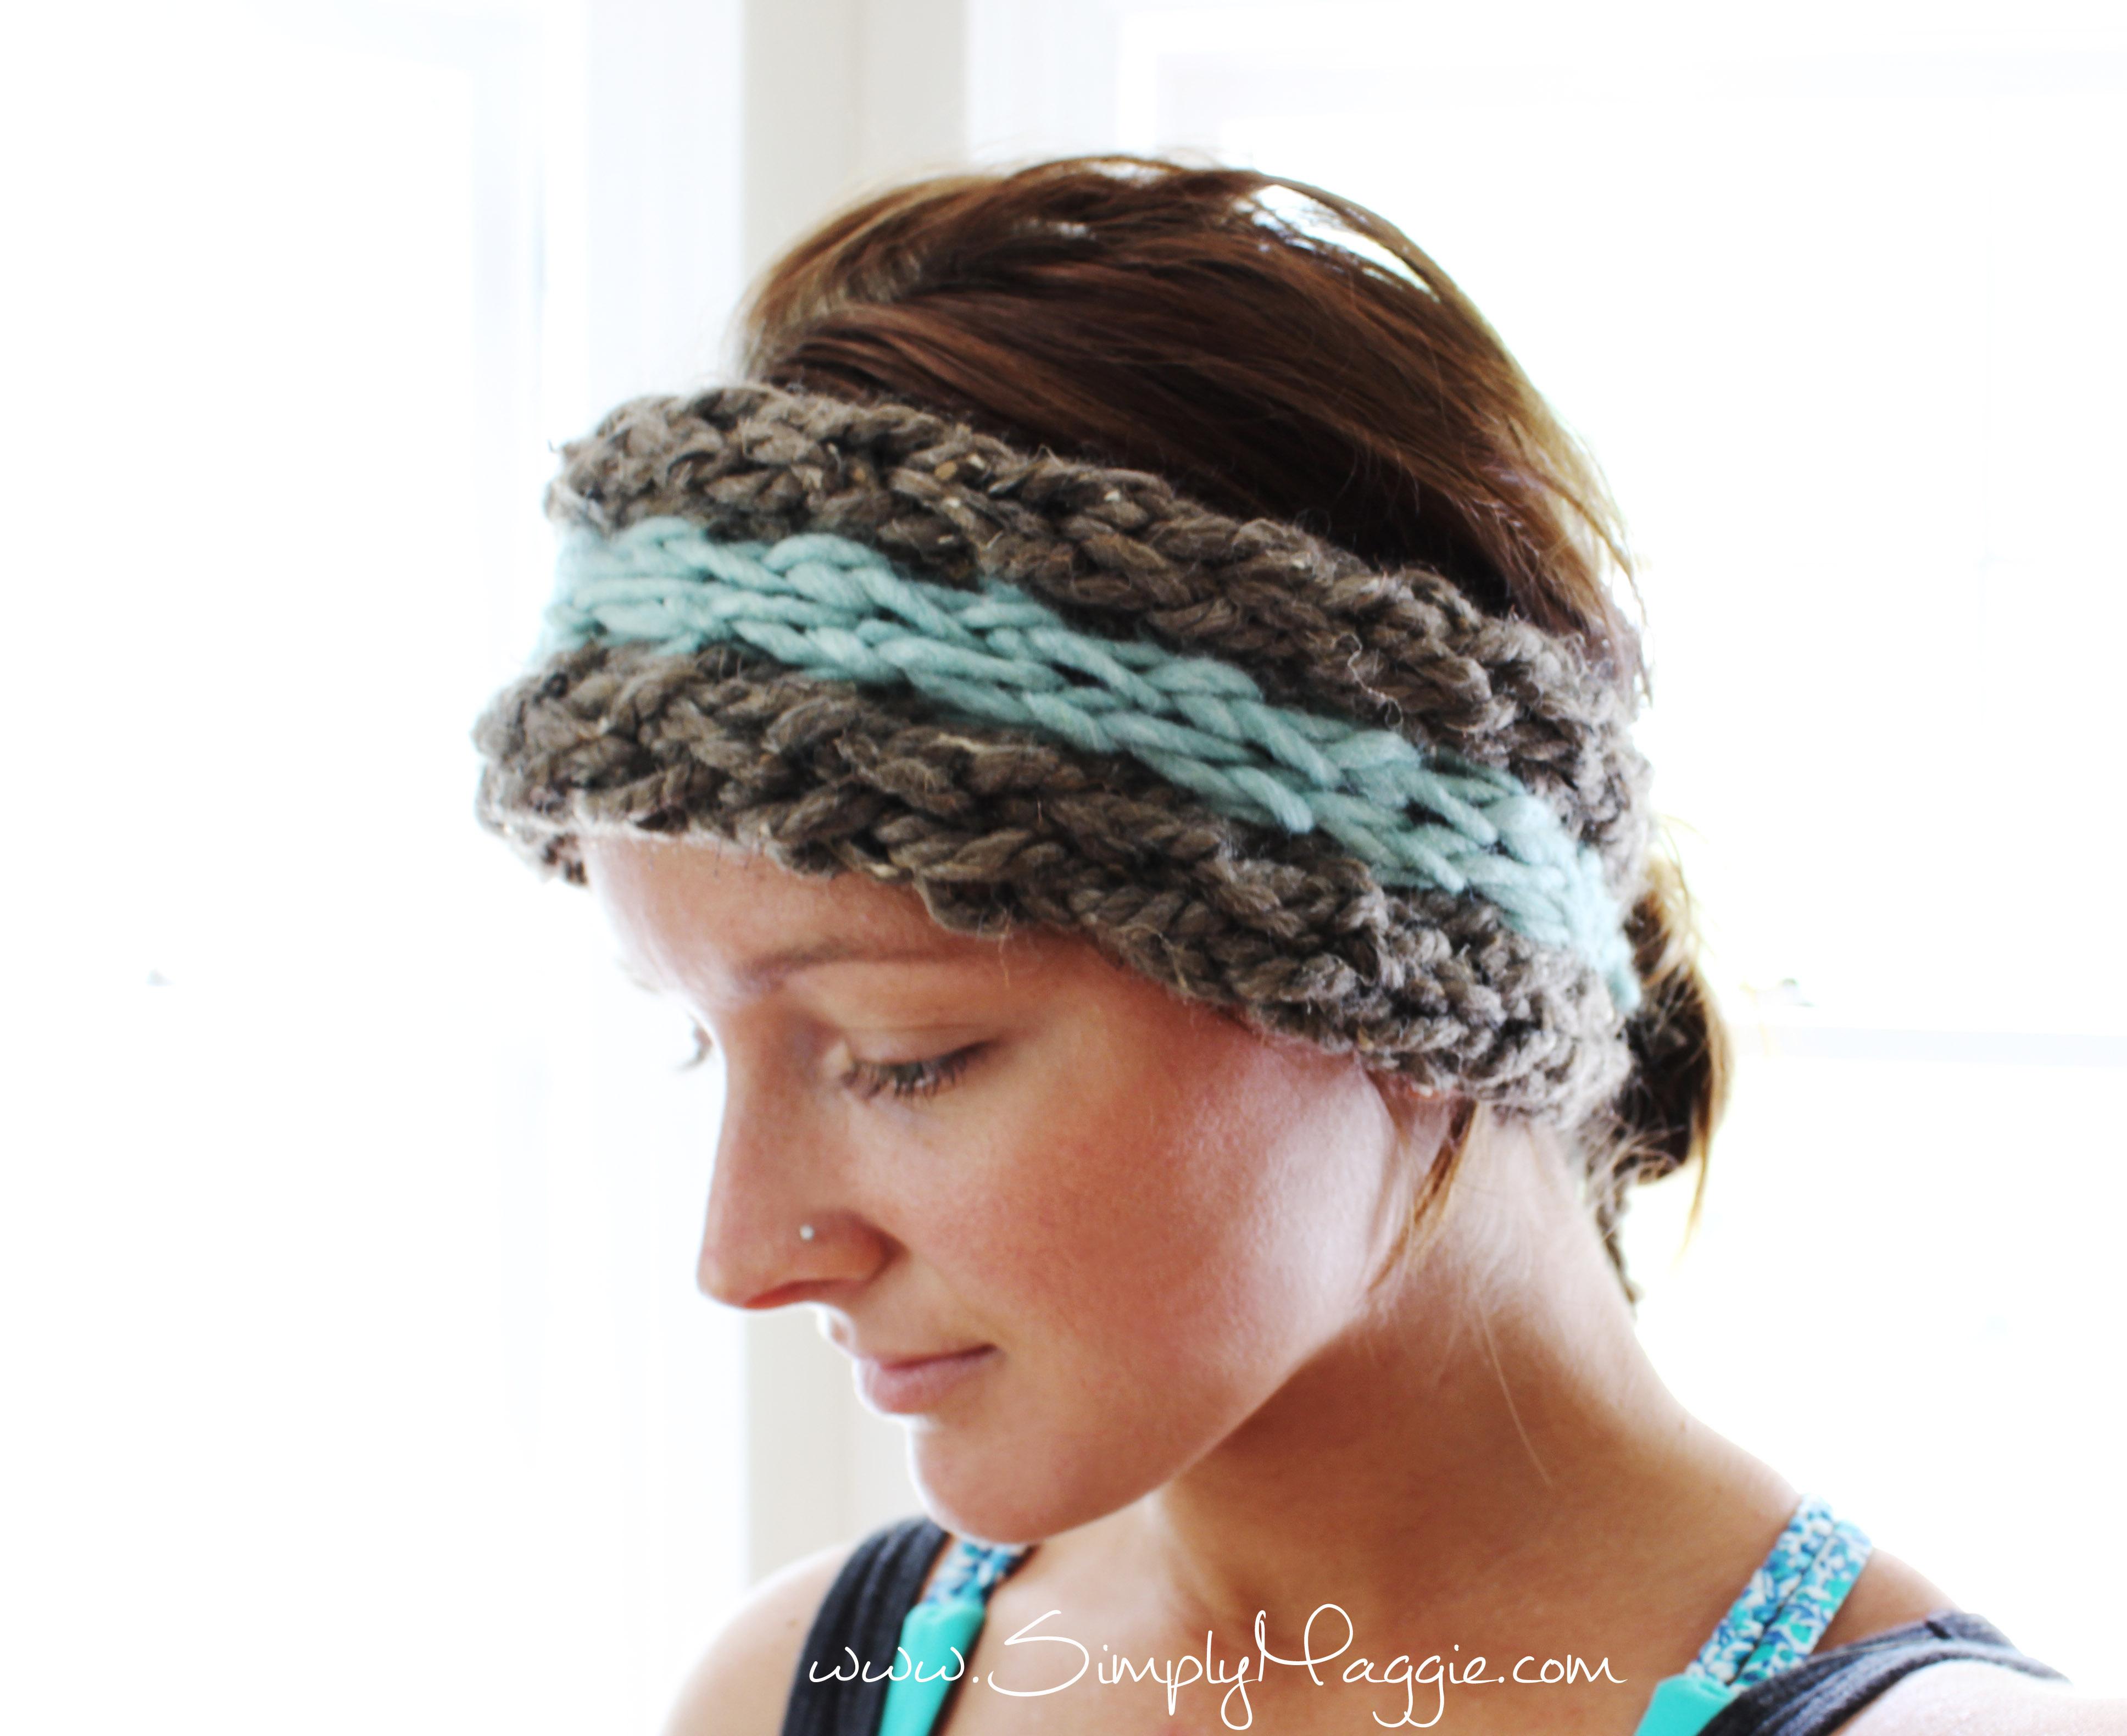 Earwarmer Knitting Patterns Head Bands Diy 15 Minute Finger Knit Ear Warmer Simplymaggie